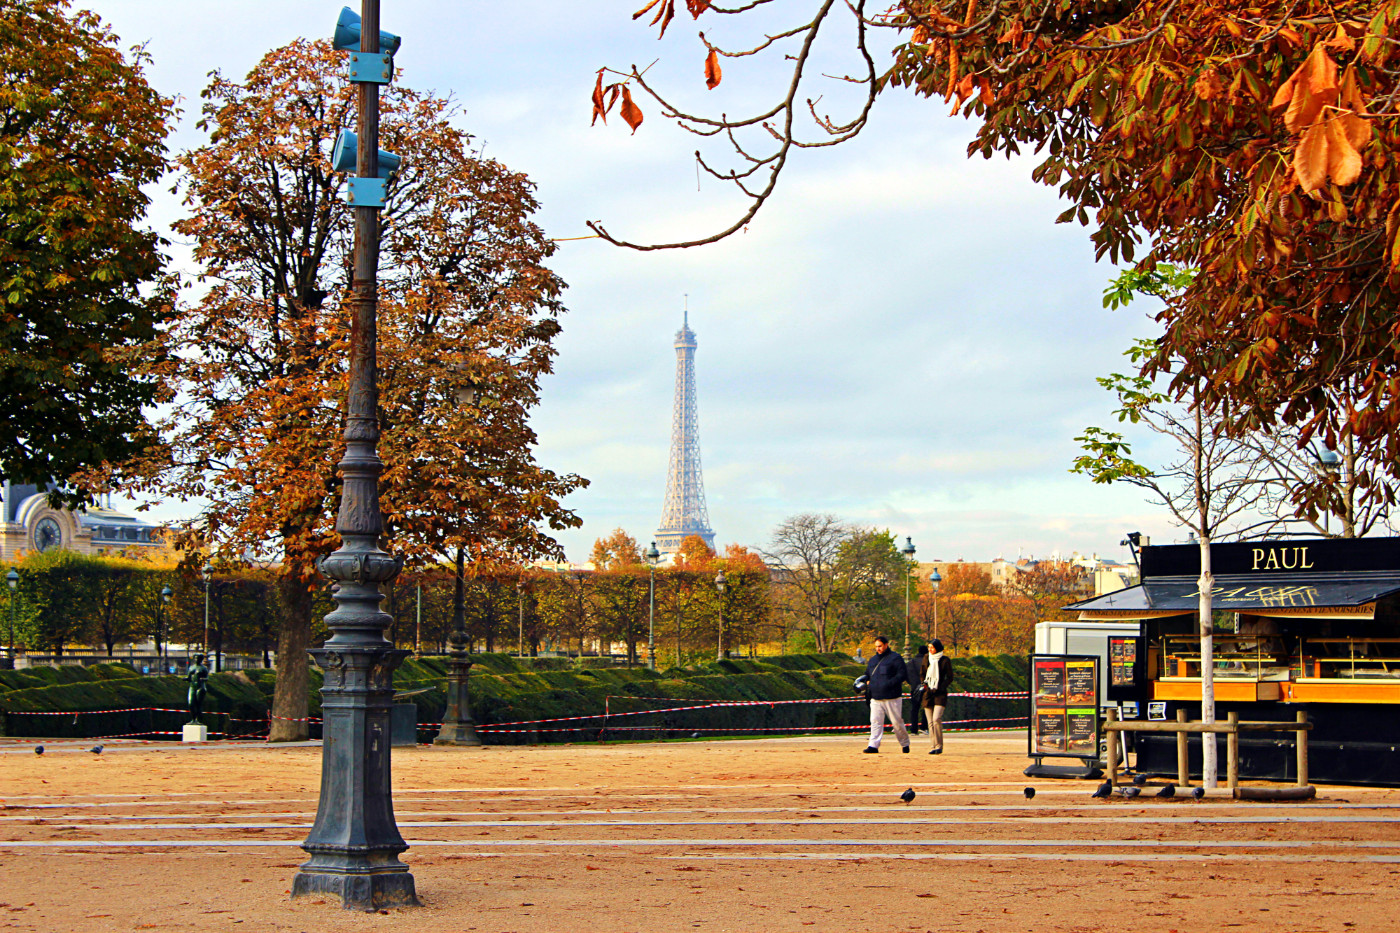 Luvras (pranc. Palais du Louvre)